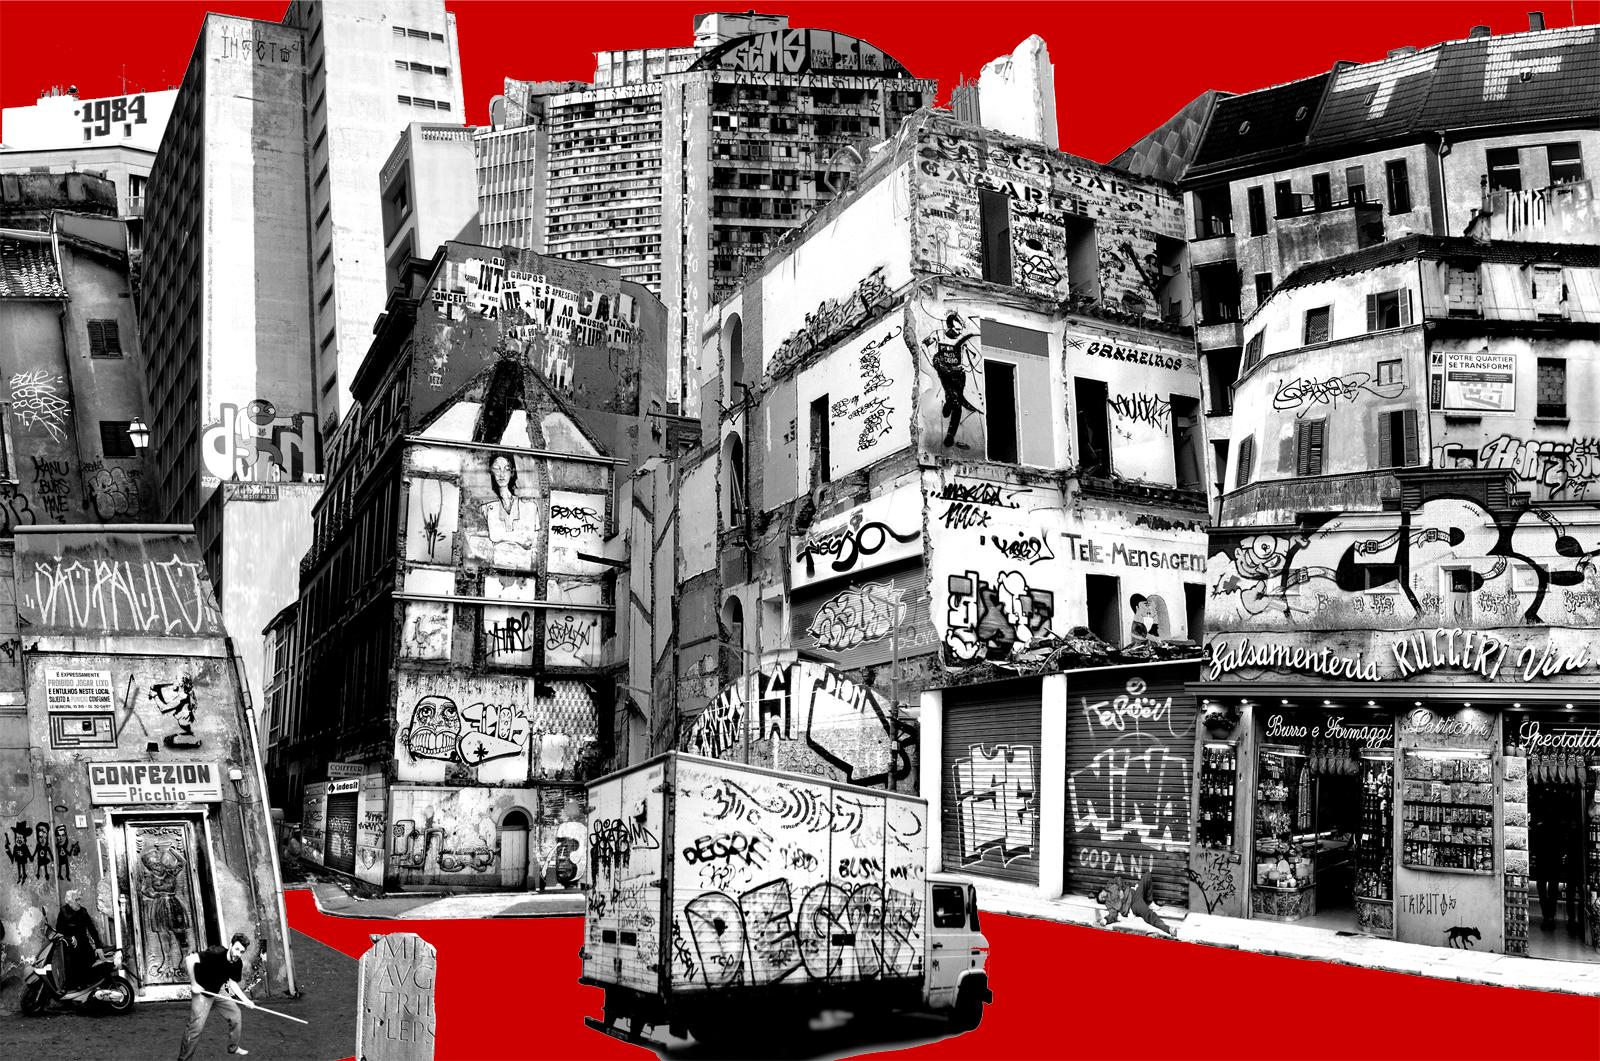 Détail de la rue #7